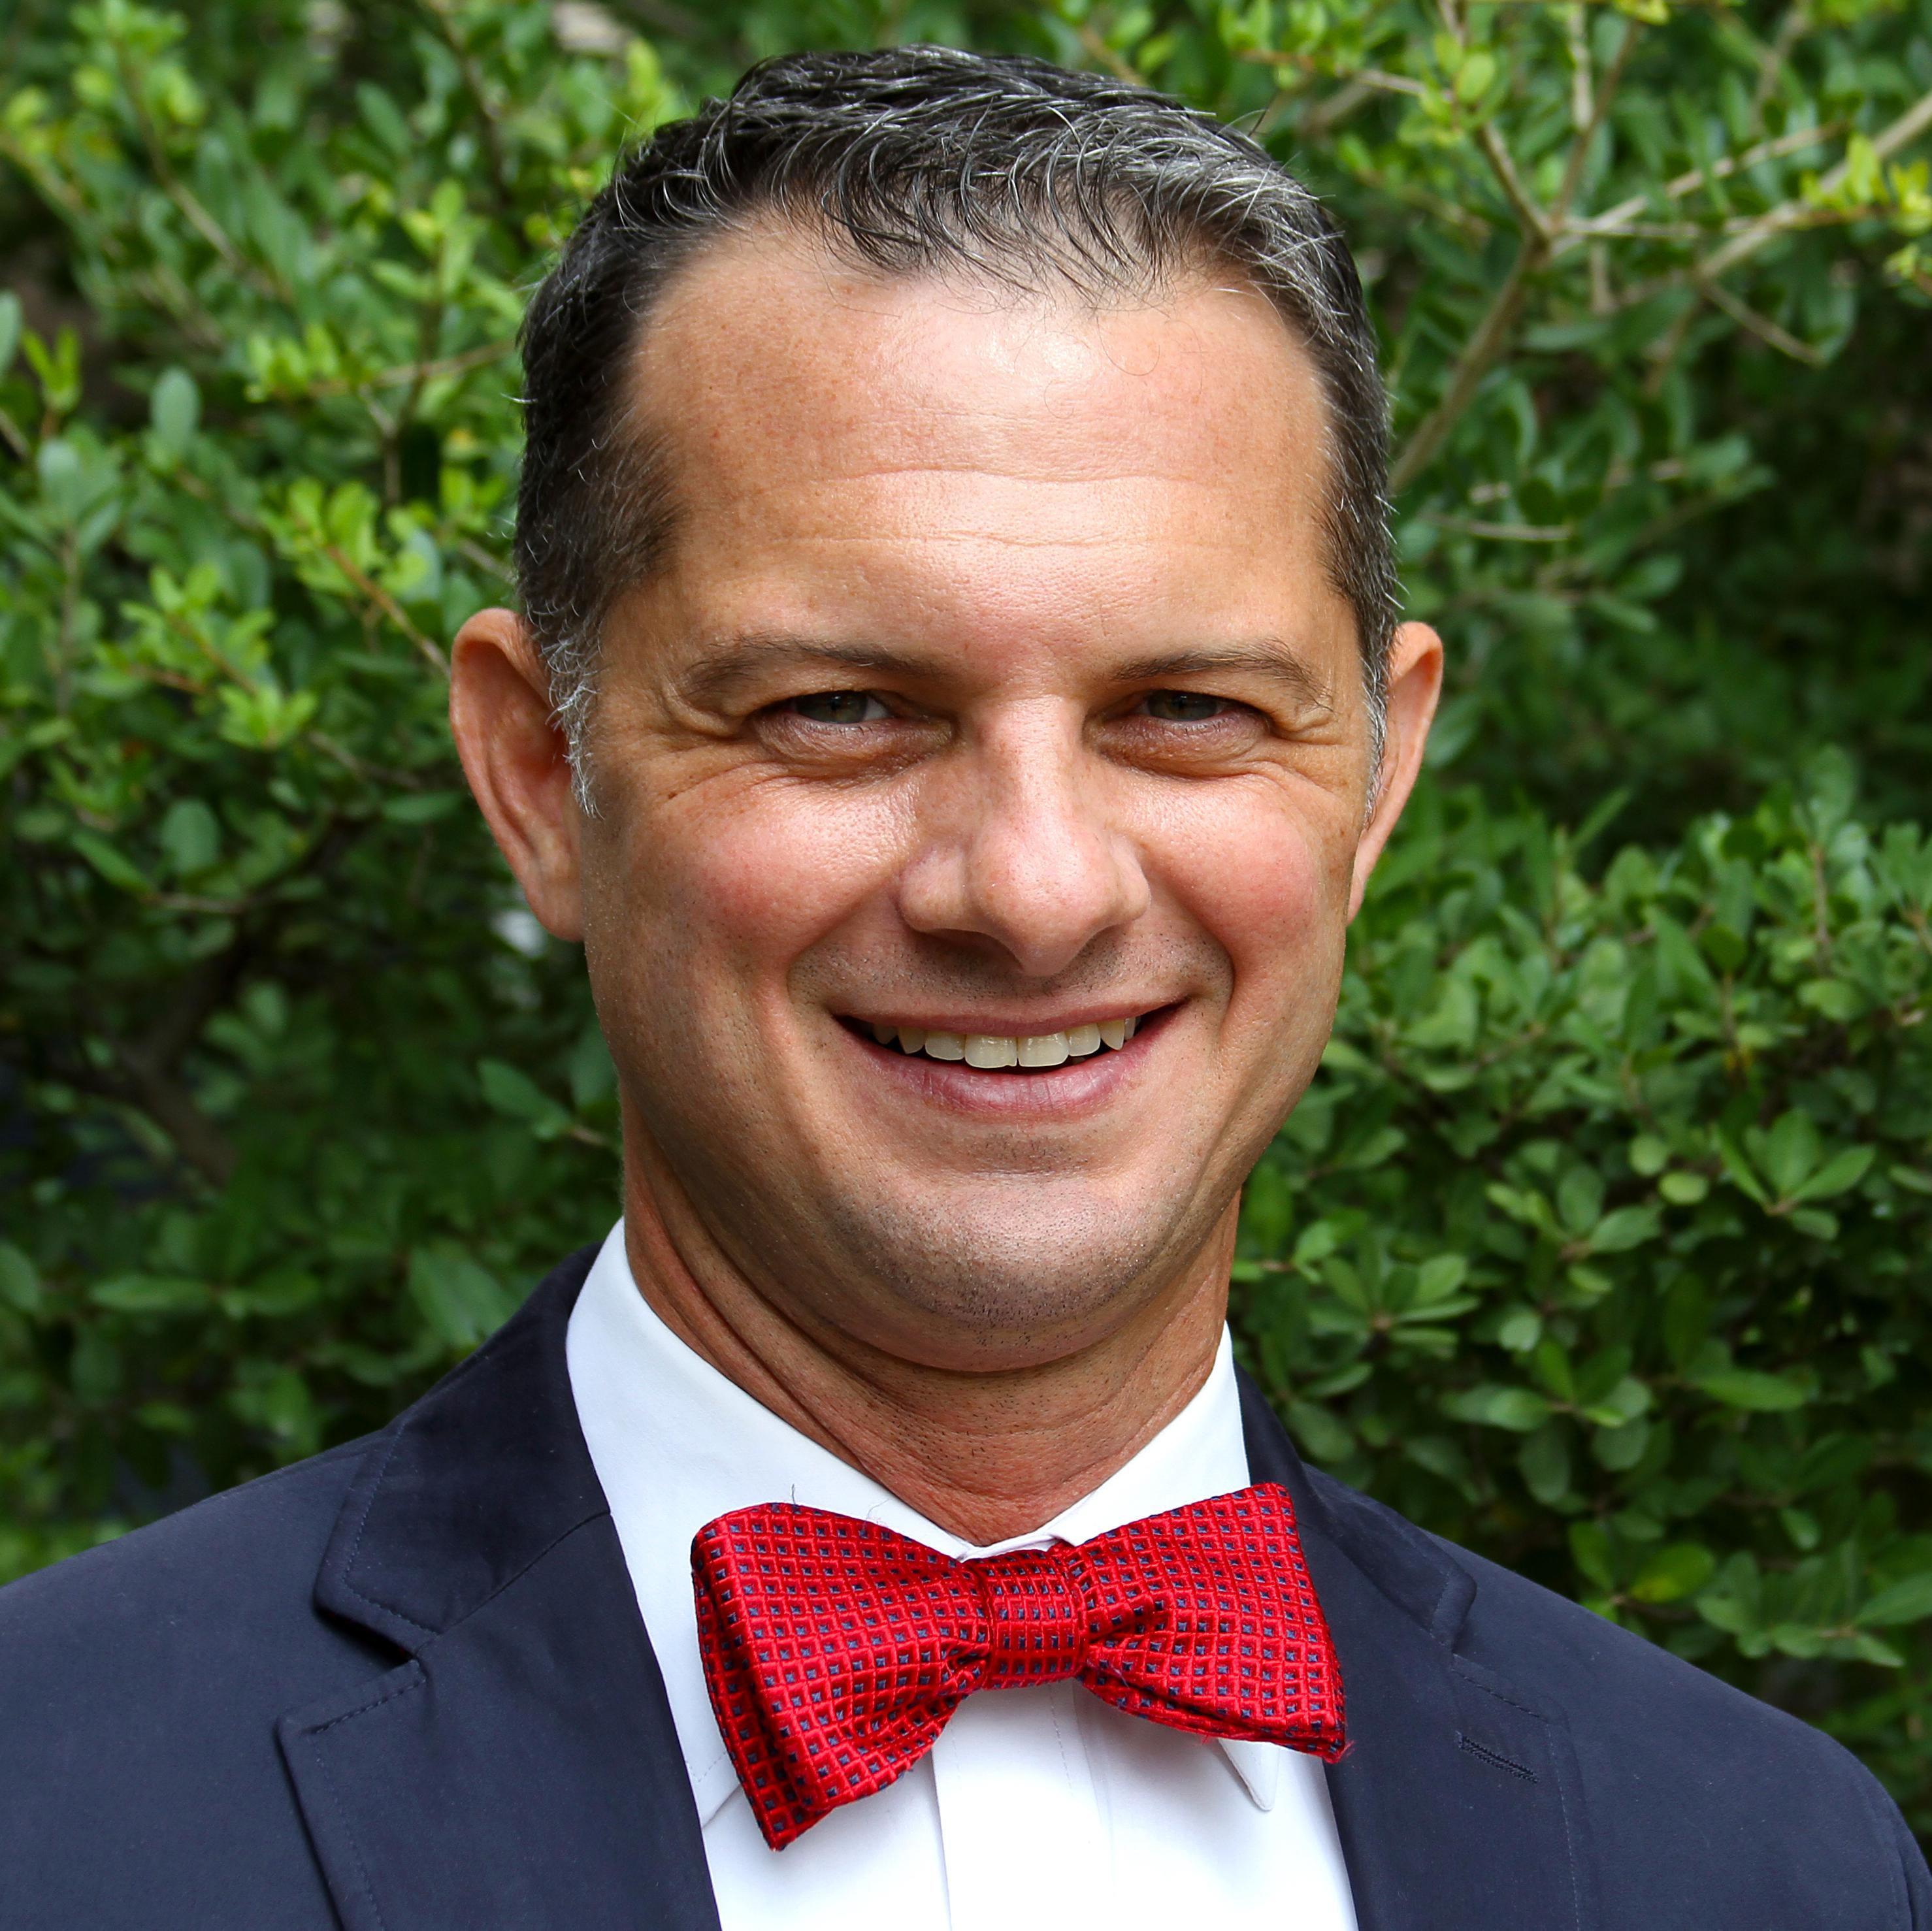 Jon E. Singletary